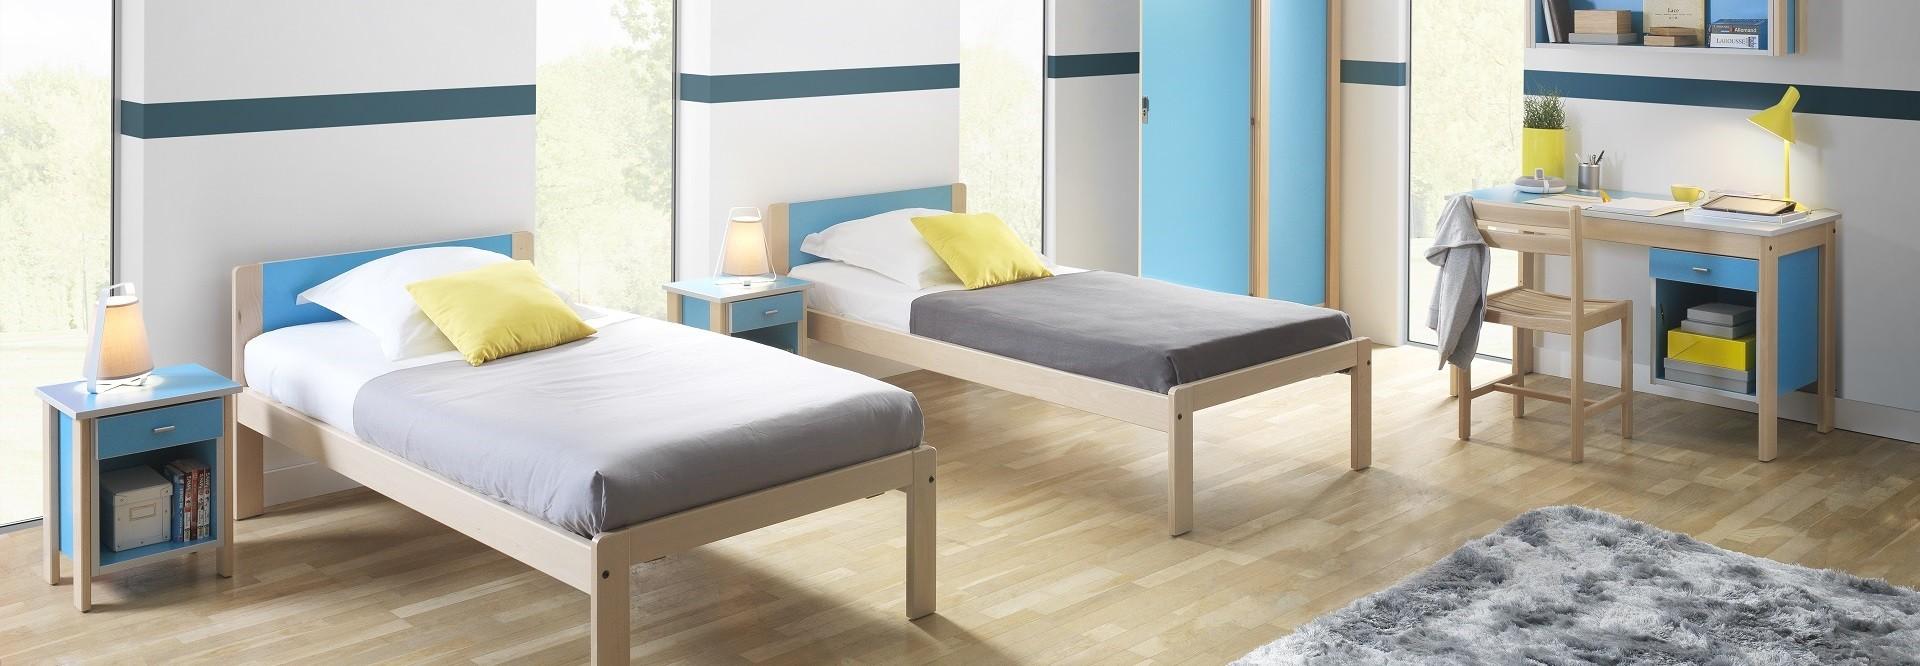 literie et ameublements pour h tels chambres d 39 h tes g tes et collectivit en savoie galis. Black Bedroom Furniture Sets. Home Design Ideas